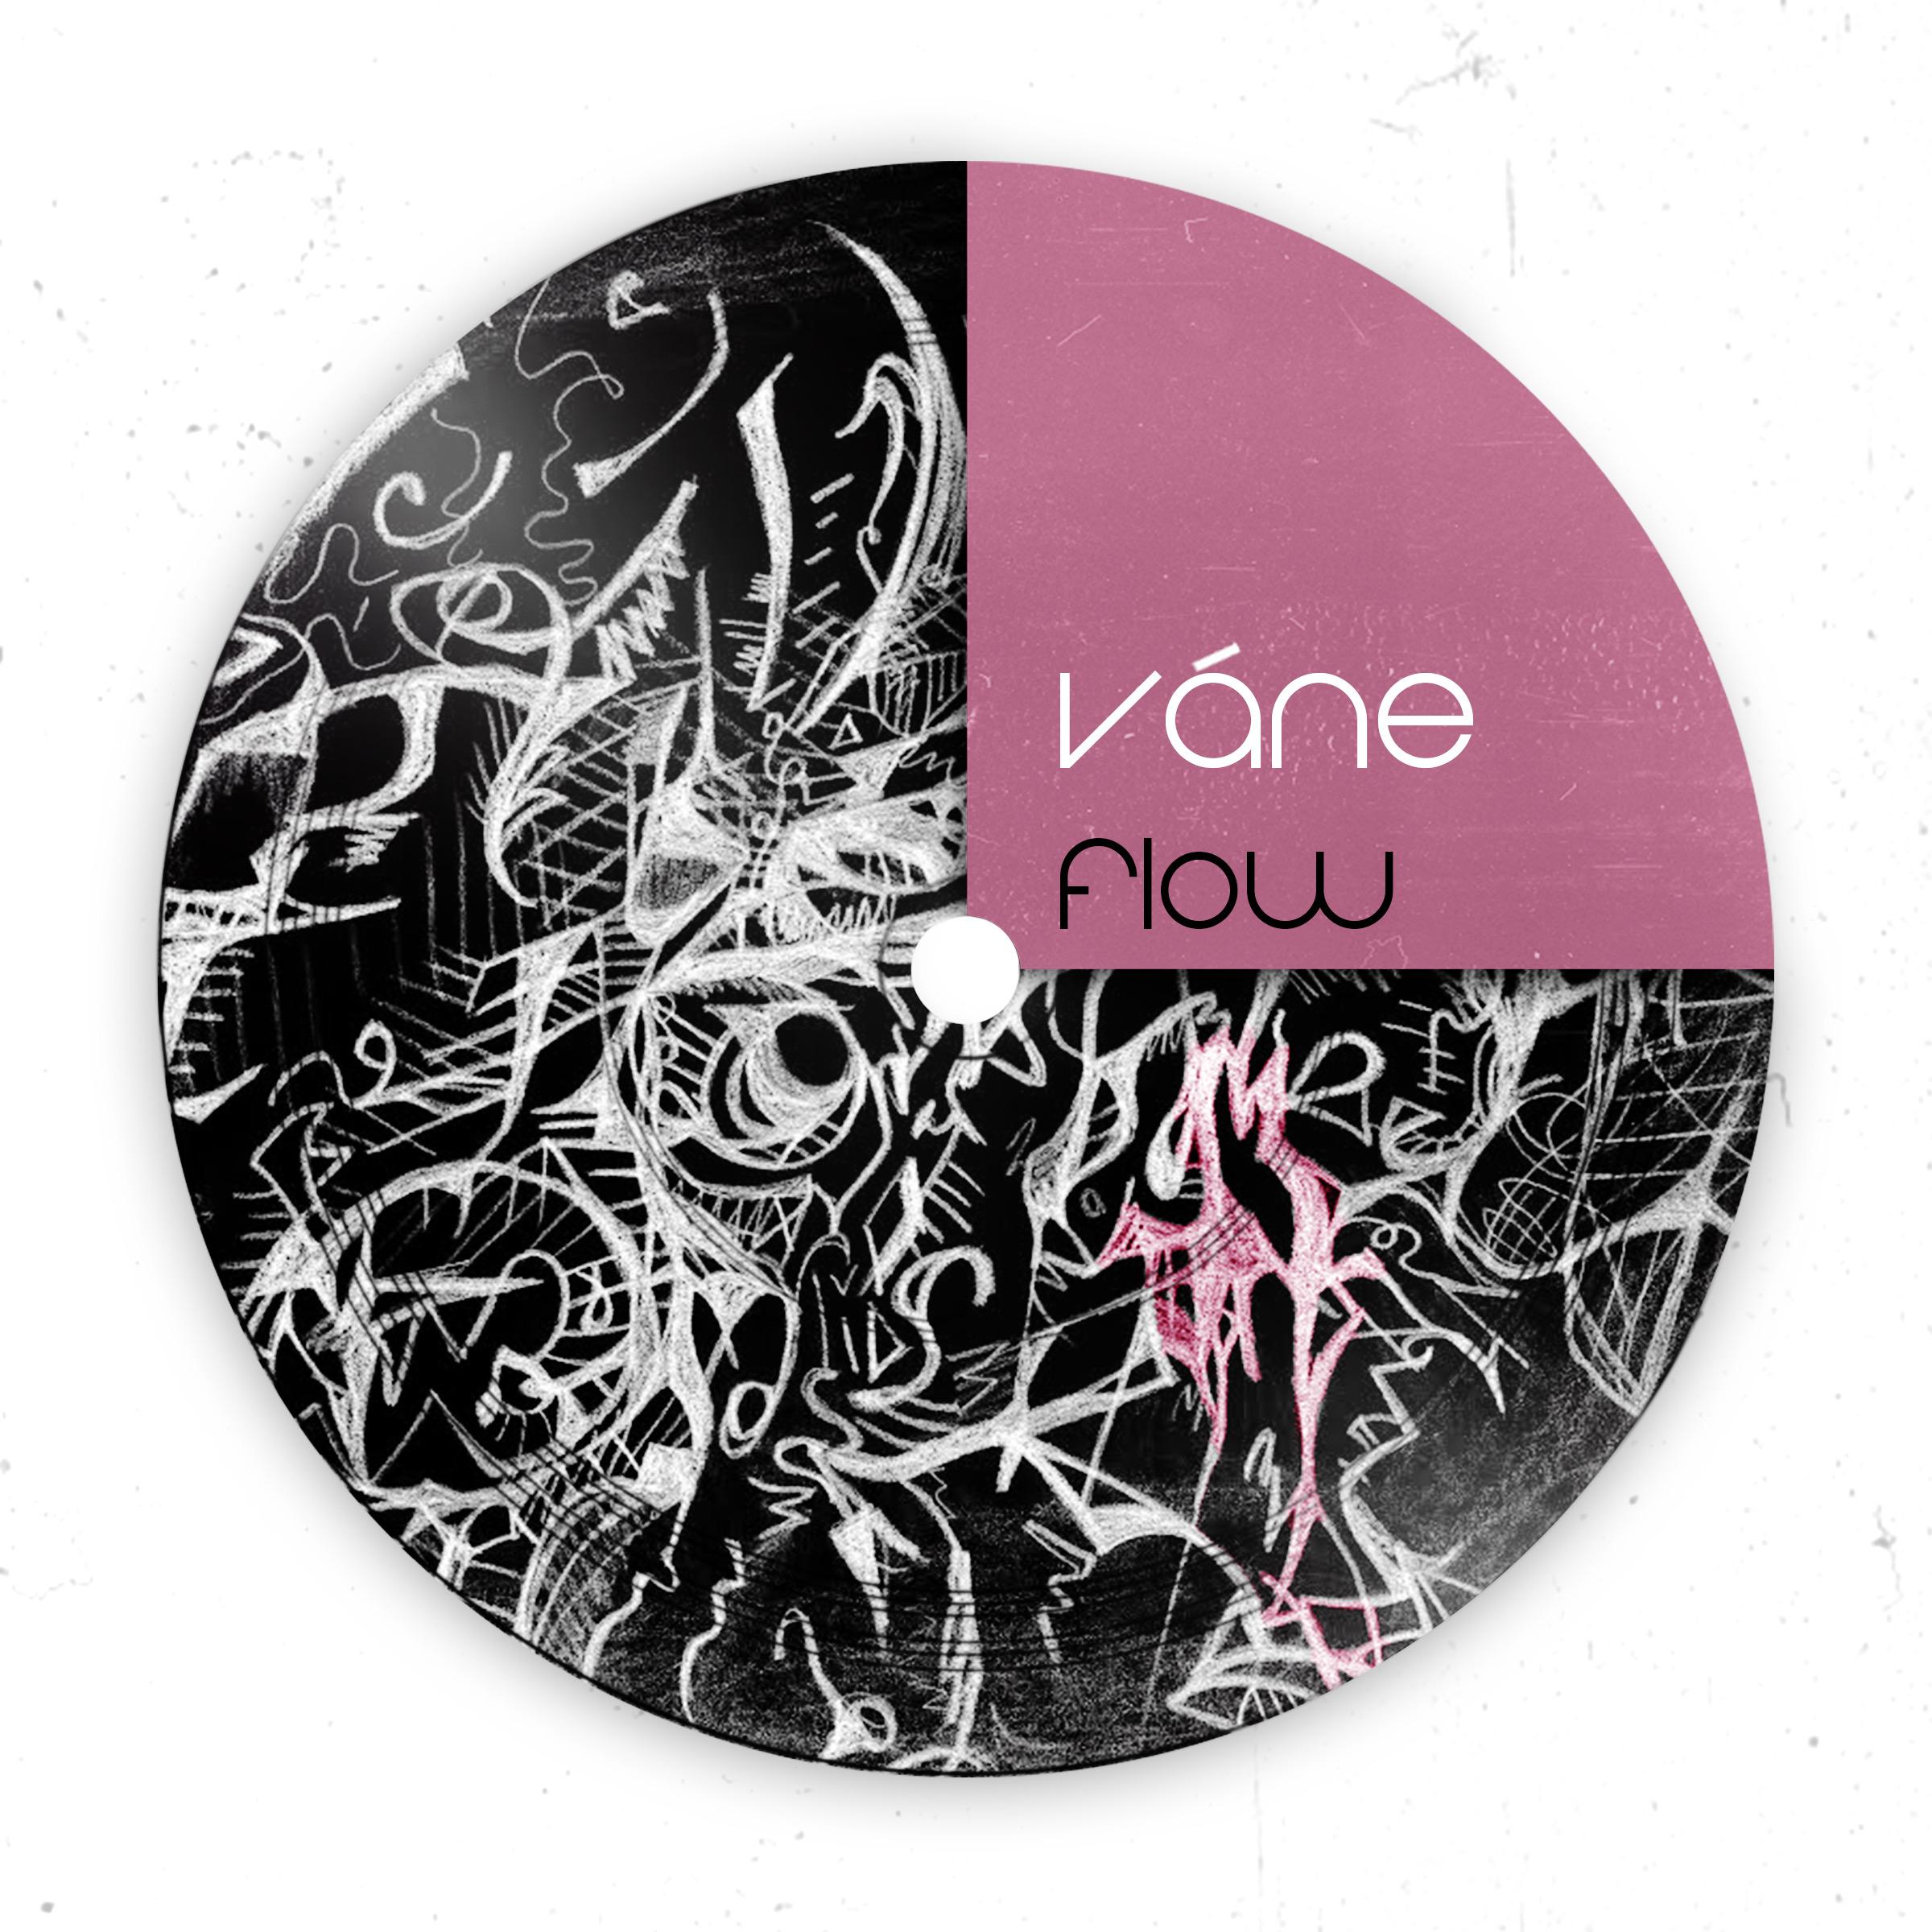 Váne – Flow EP